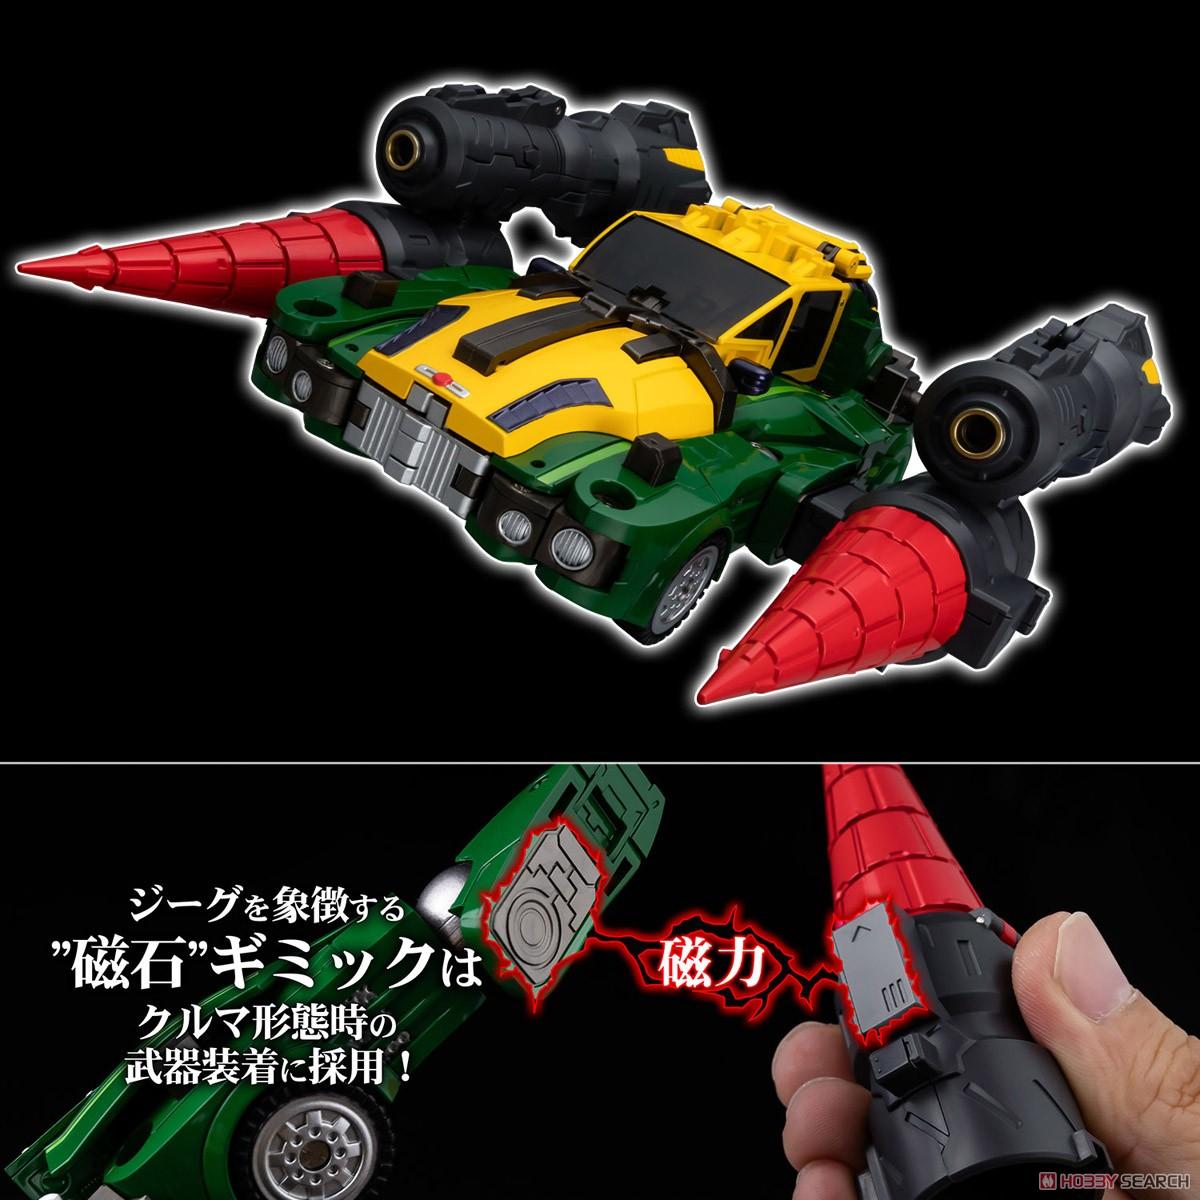 METAMOR-FORCE『ジーグフリート』鋼鉄ジーグ a.k.a. JEEGFRIED 可変可動フィギュア-020